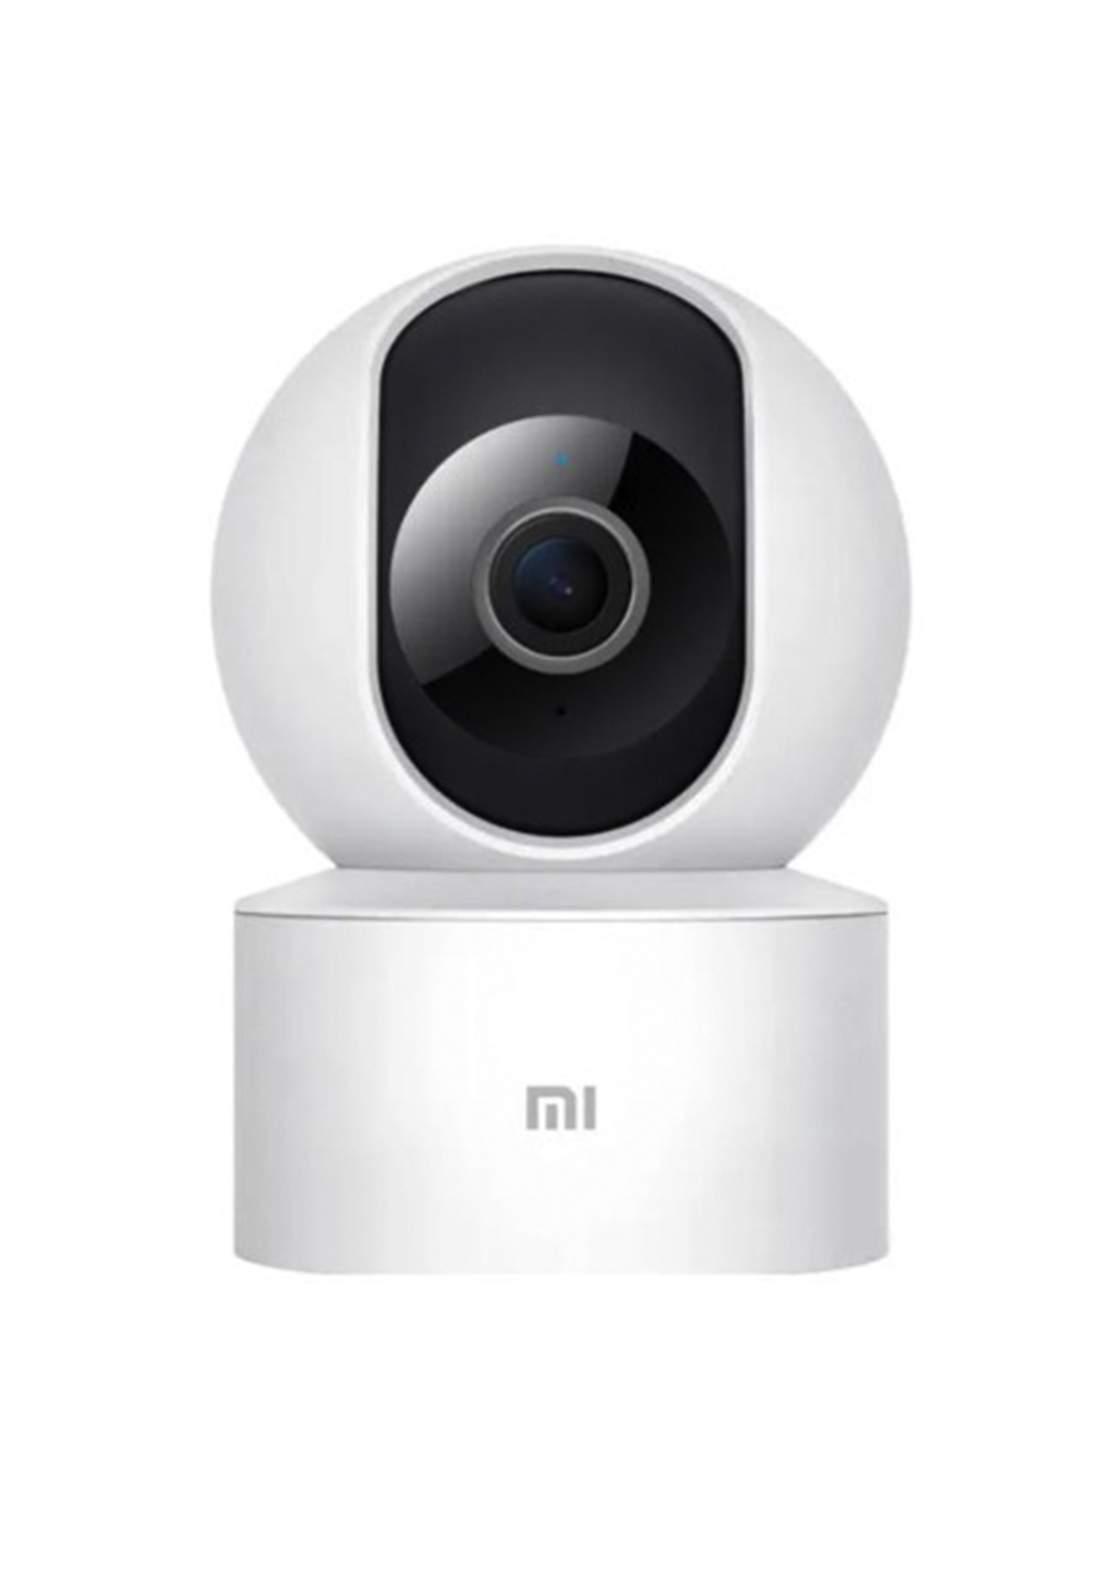 Xiaomi Mi 360° Home Security Camera 1080p - White كاميرا